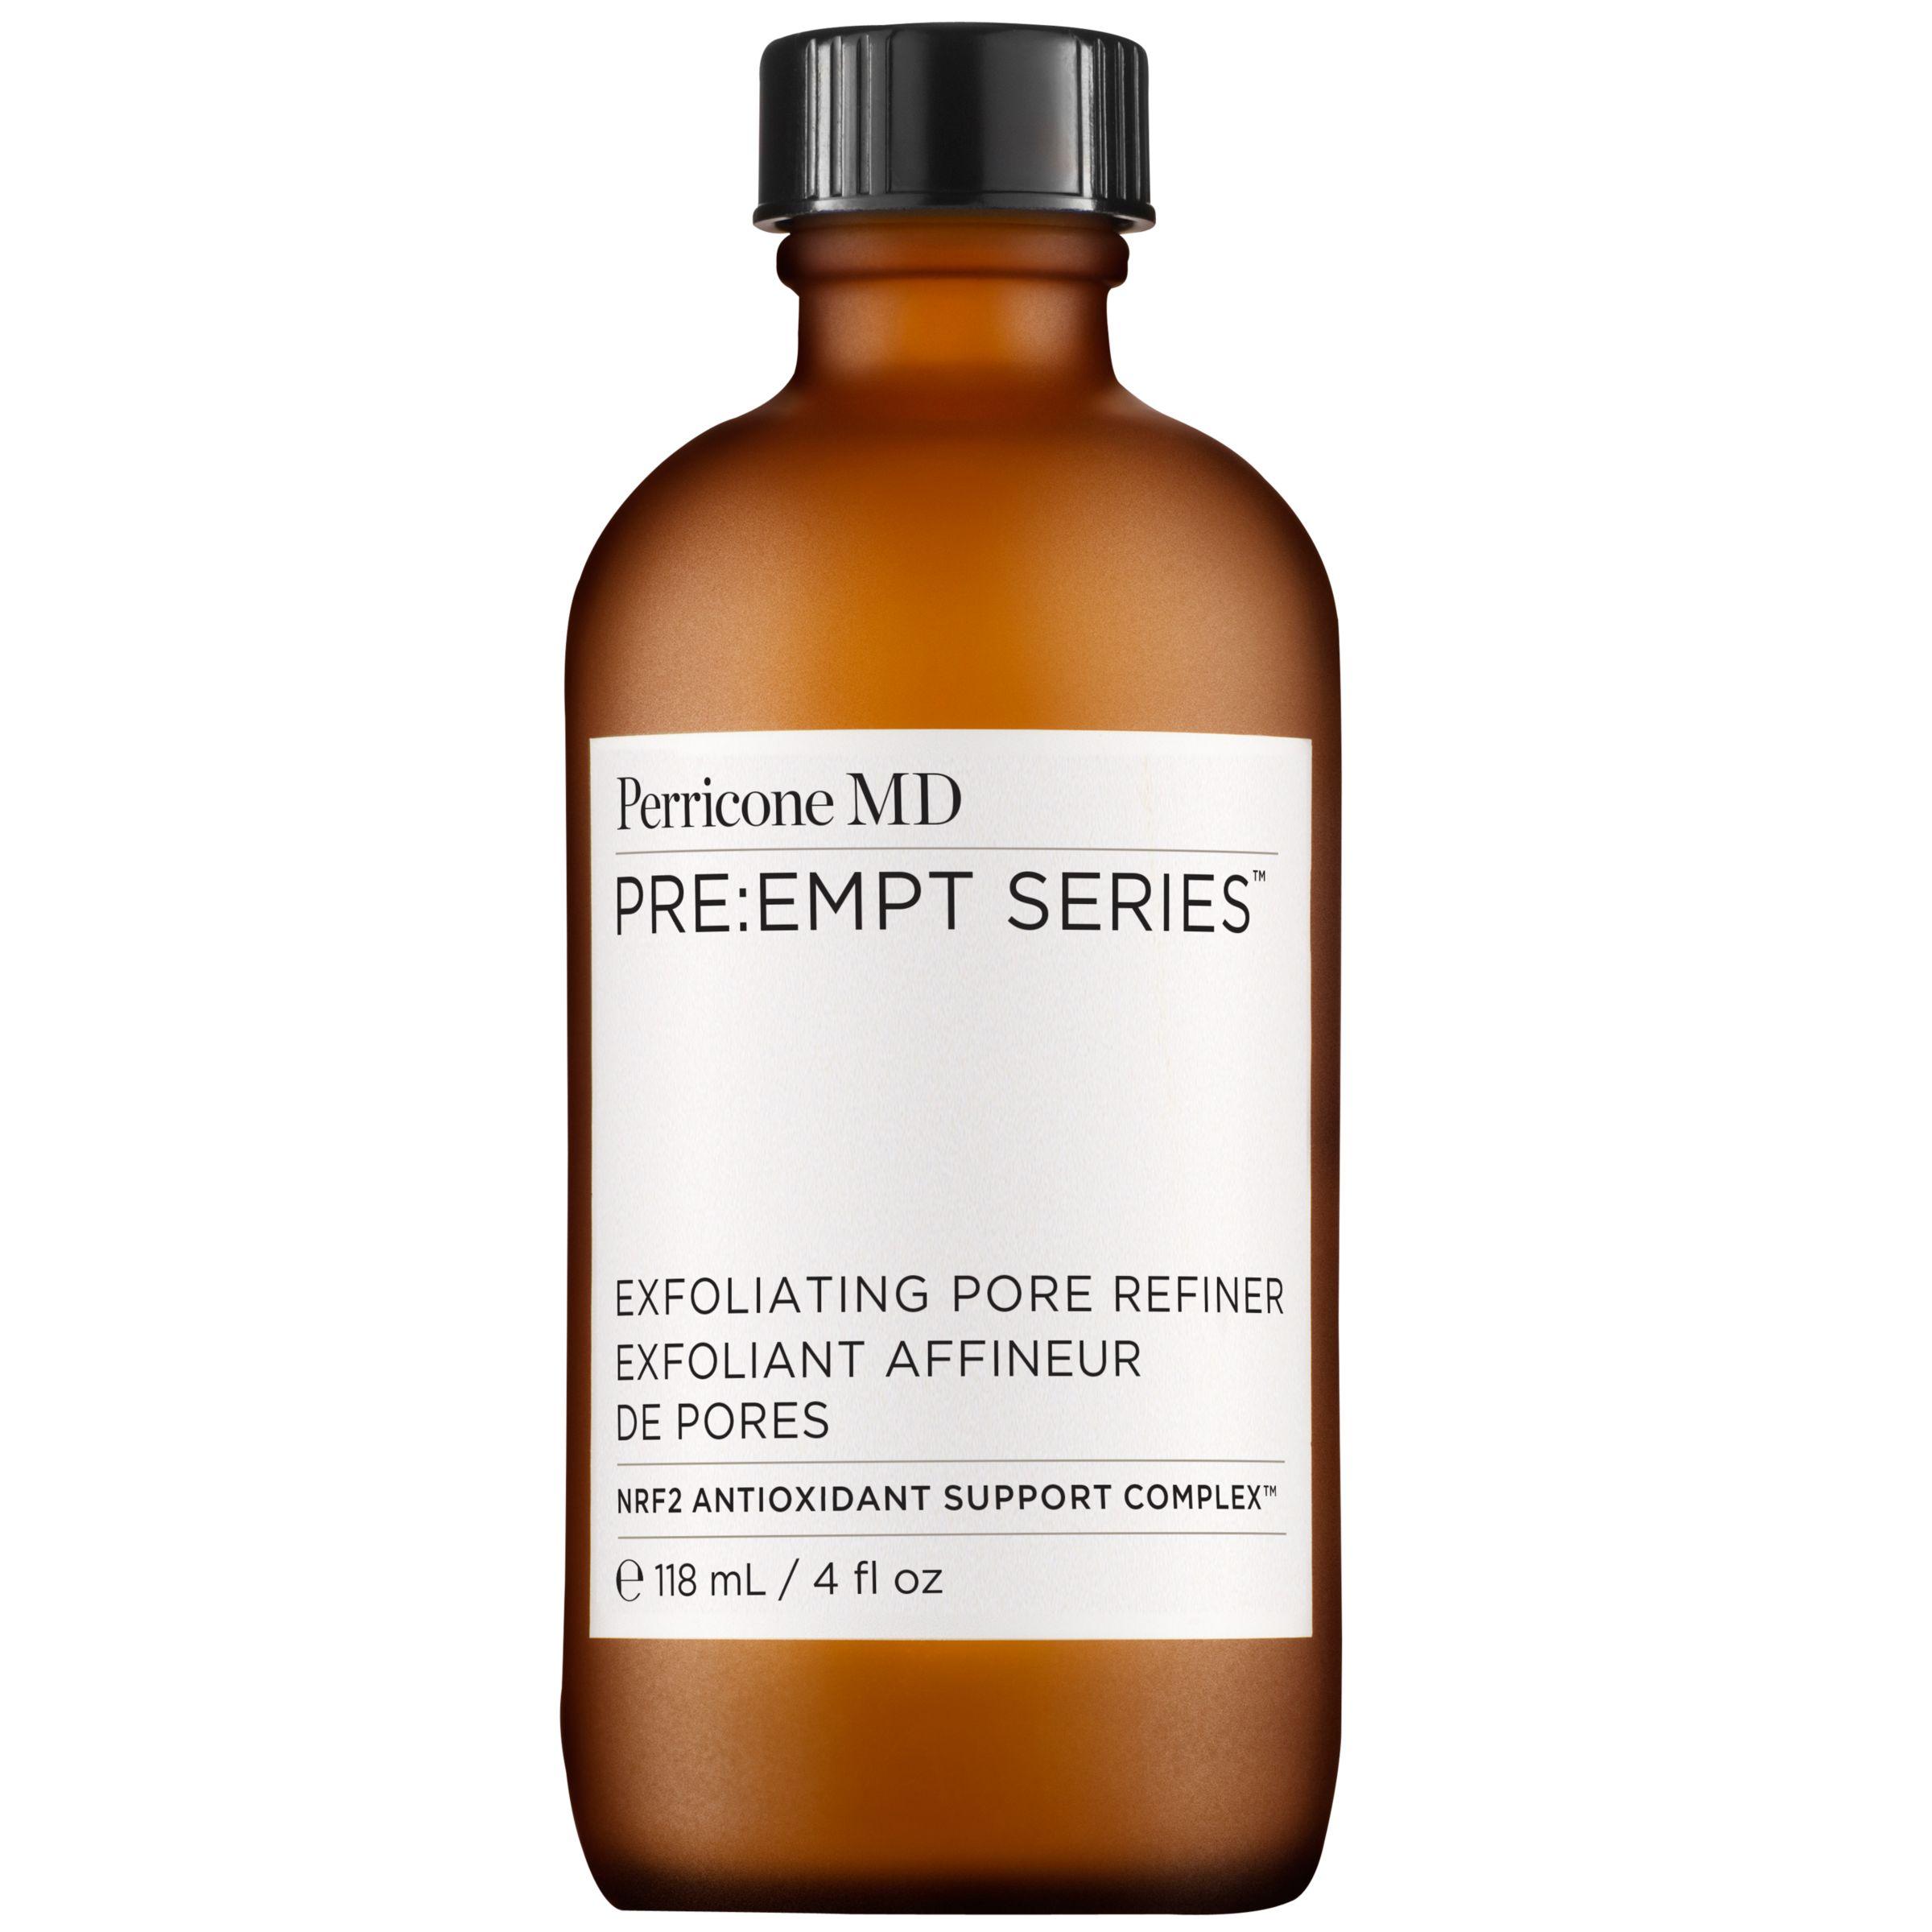 Perricone MD Perricone MD Pre:Empt Exfoliating Pore Refiner, 118ml